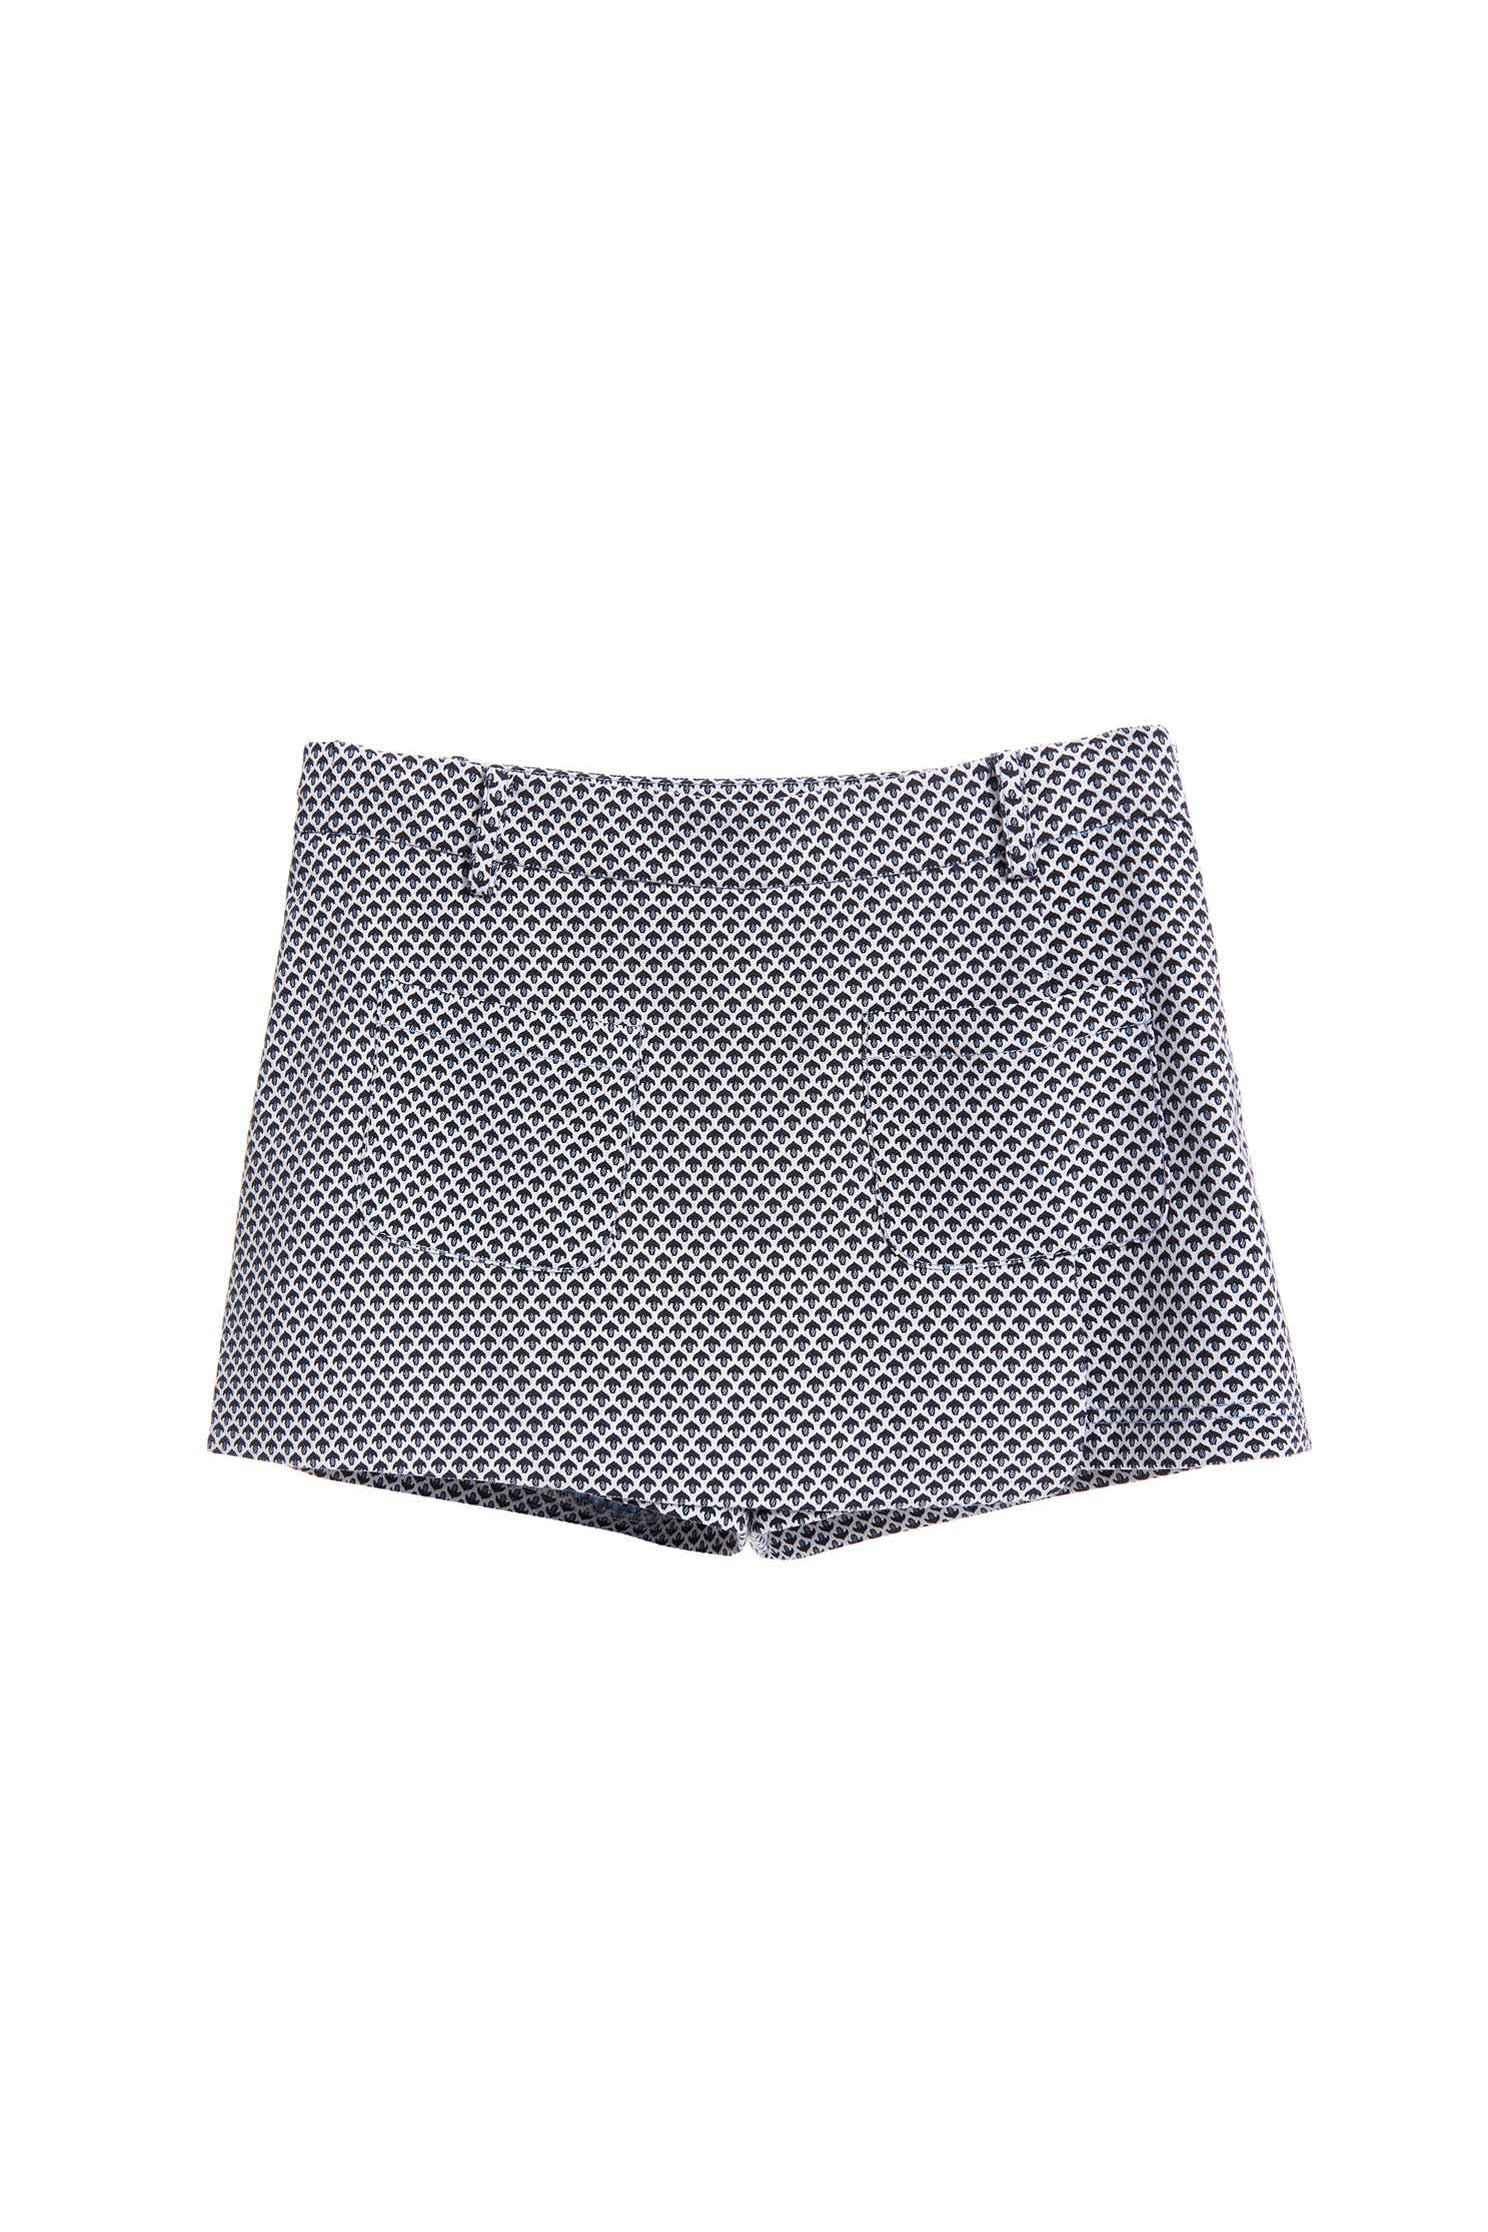 Modern graceful shorts